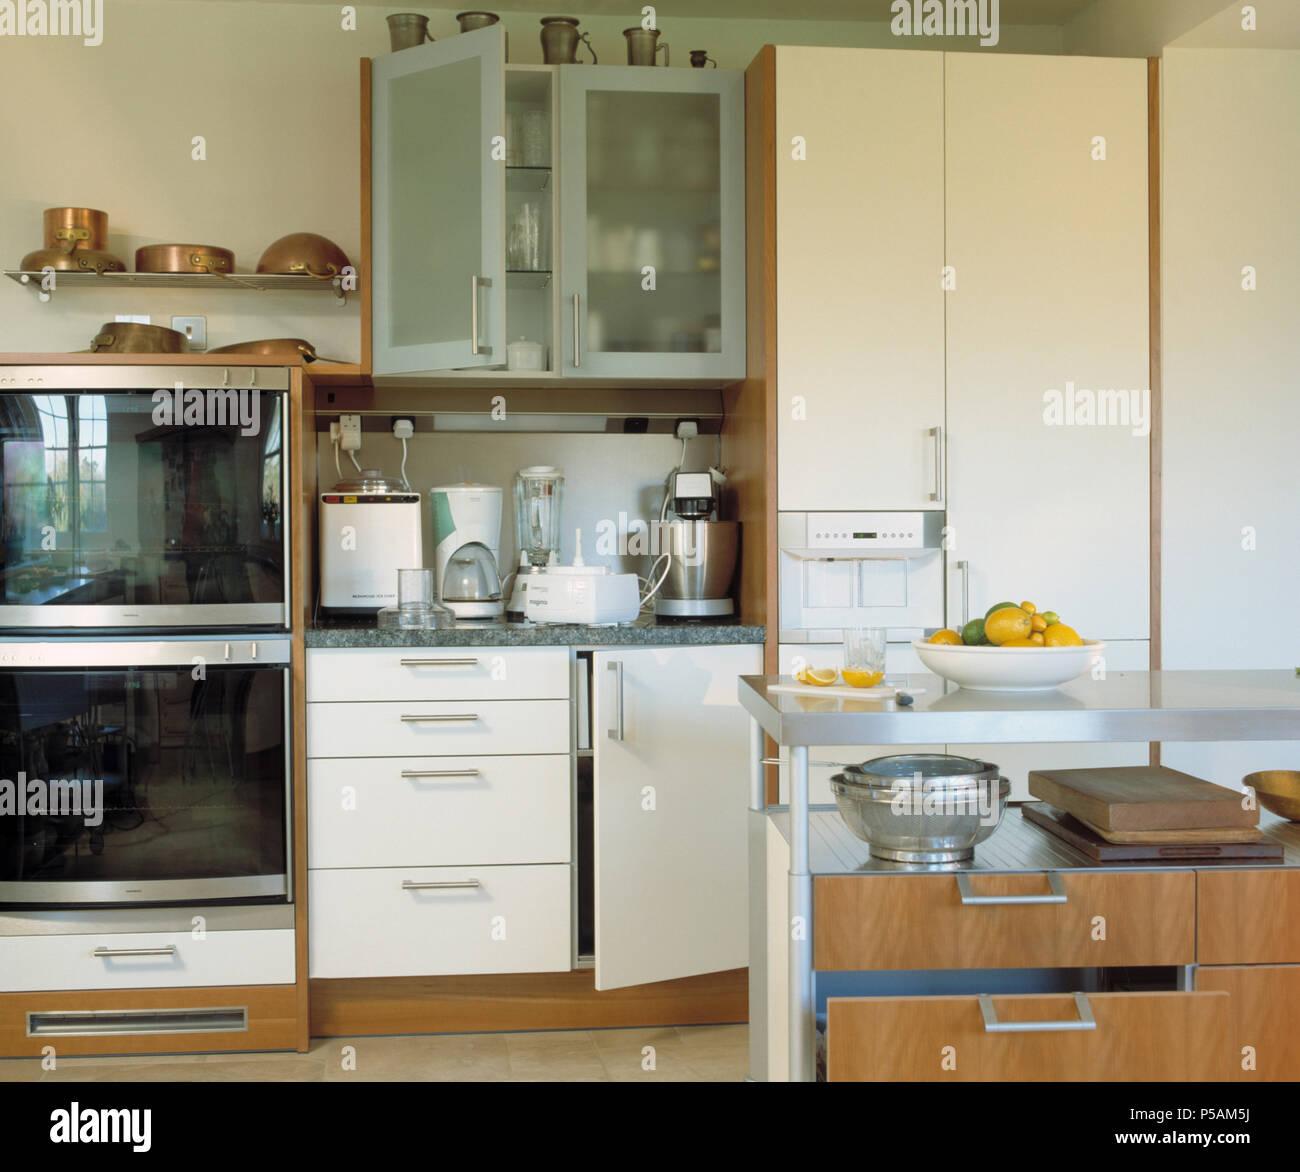 Credenza Cucina Con Piano Di Lavoro.Apparecchi Elettrici Sul Piano Di Lavoro Al Di Sotto Di